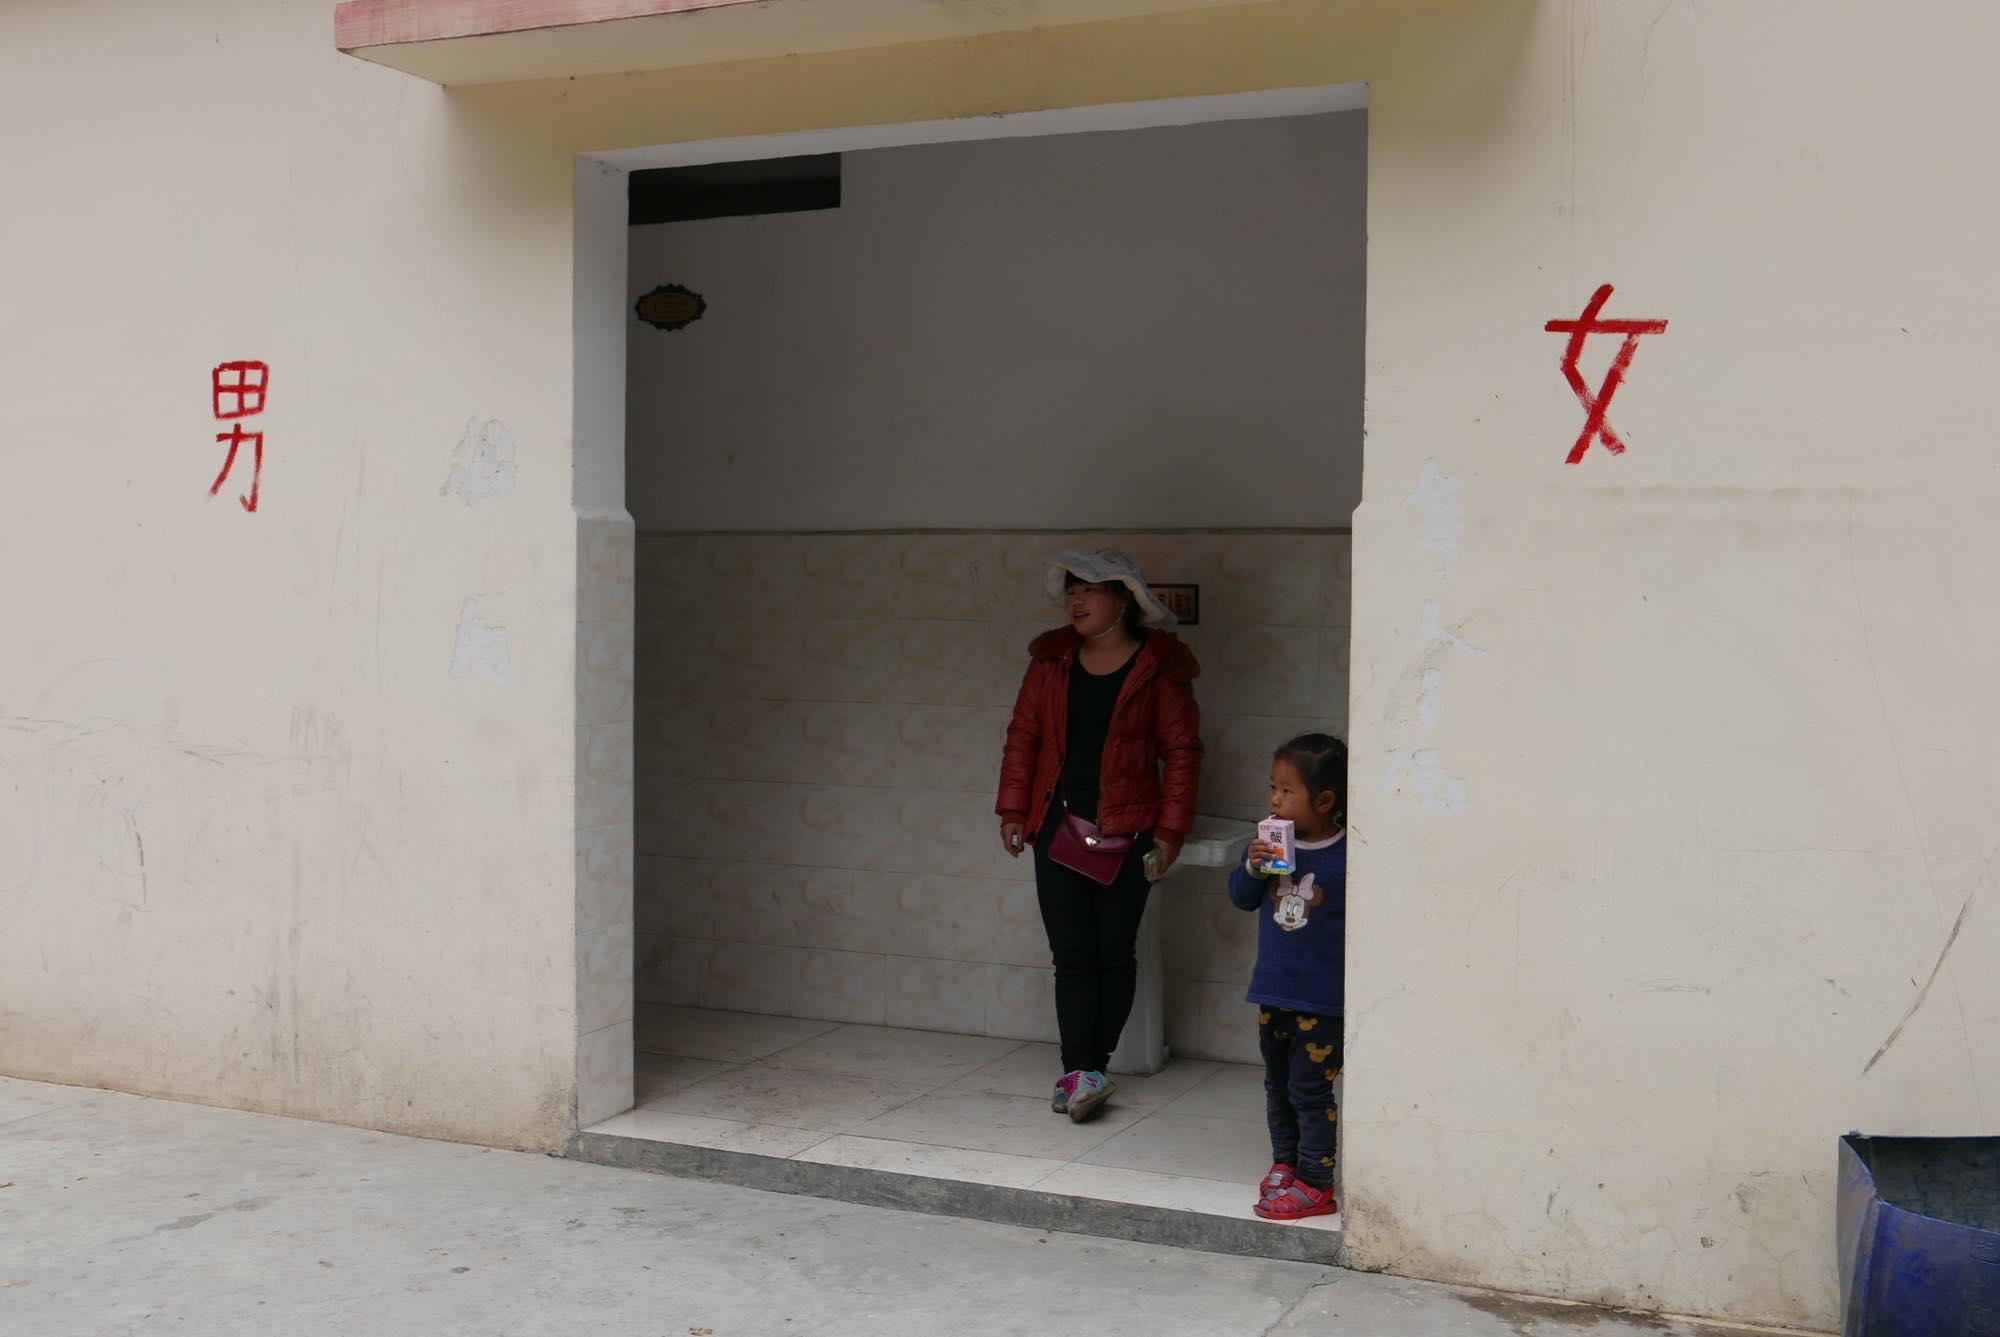 東チベット 休憩 トイレ お金